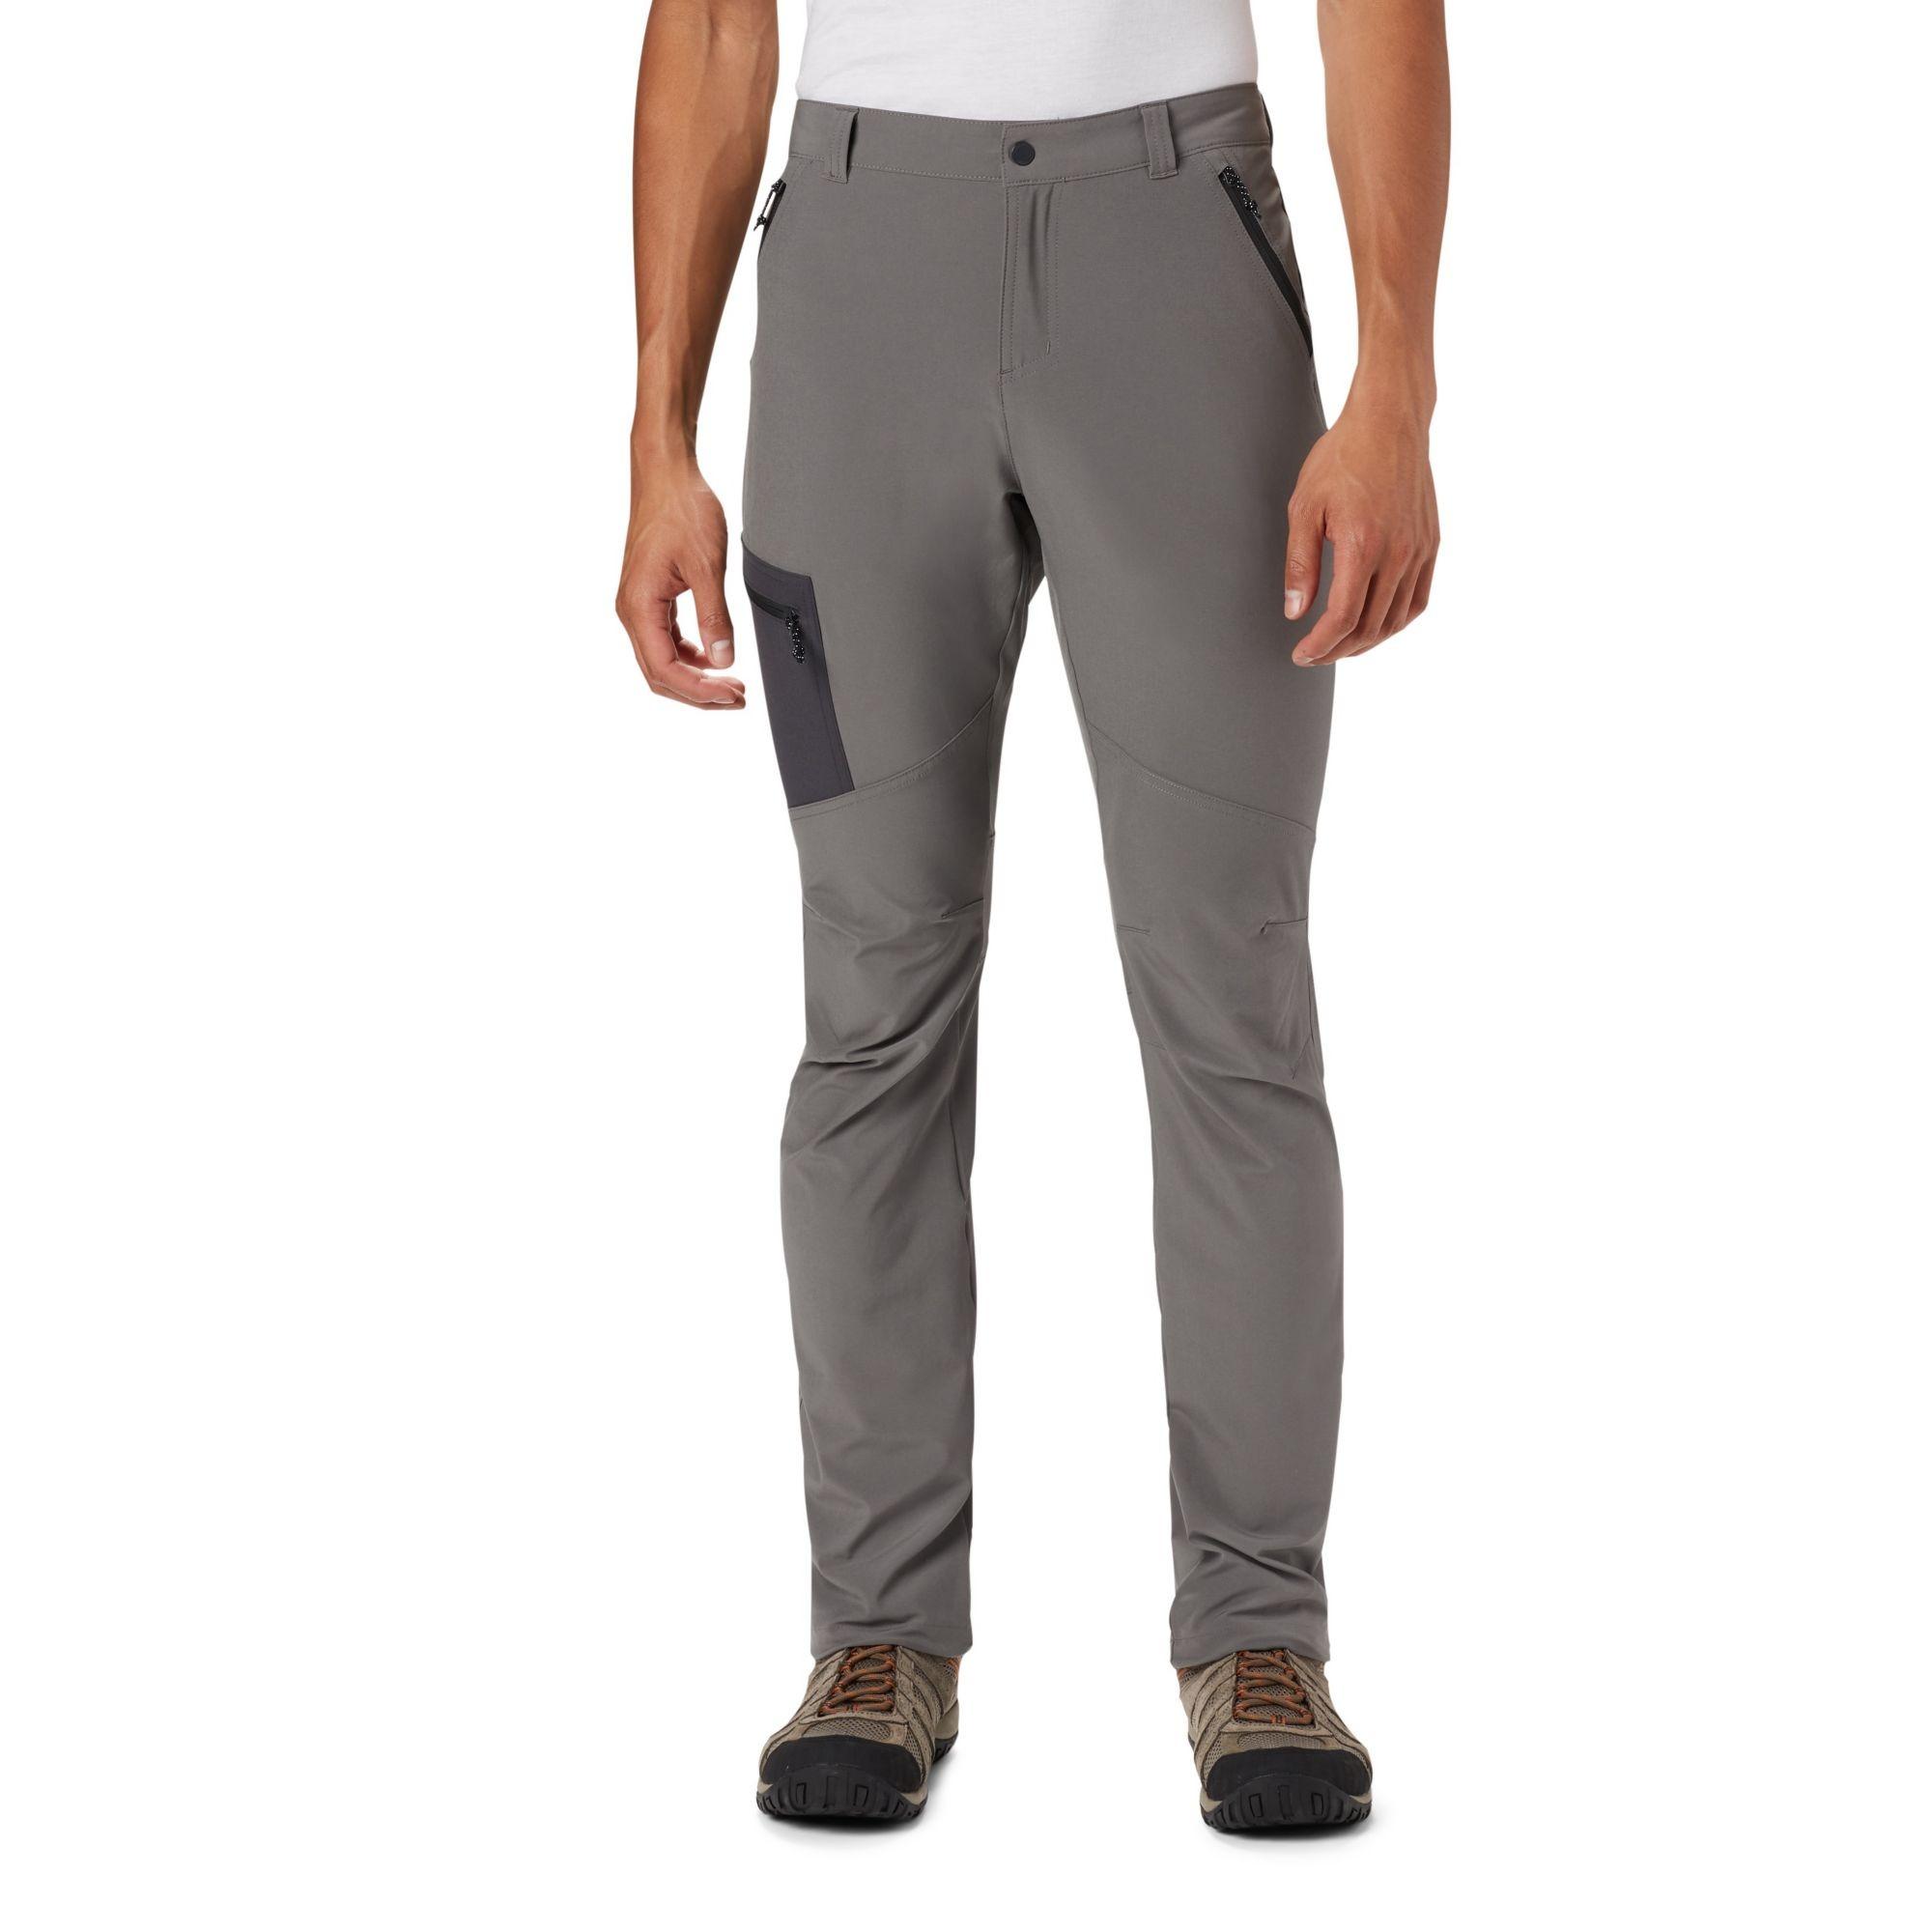 Columbia Triple Canyon Pant - Pantalon randonnée homme